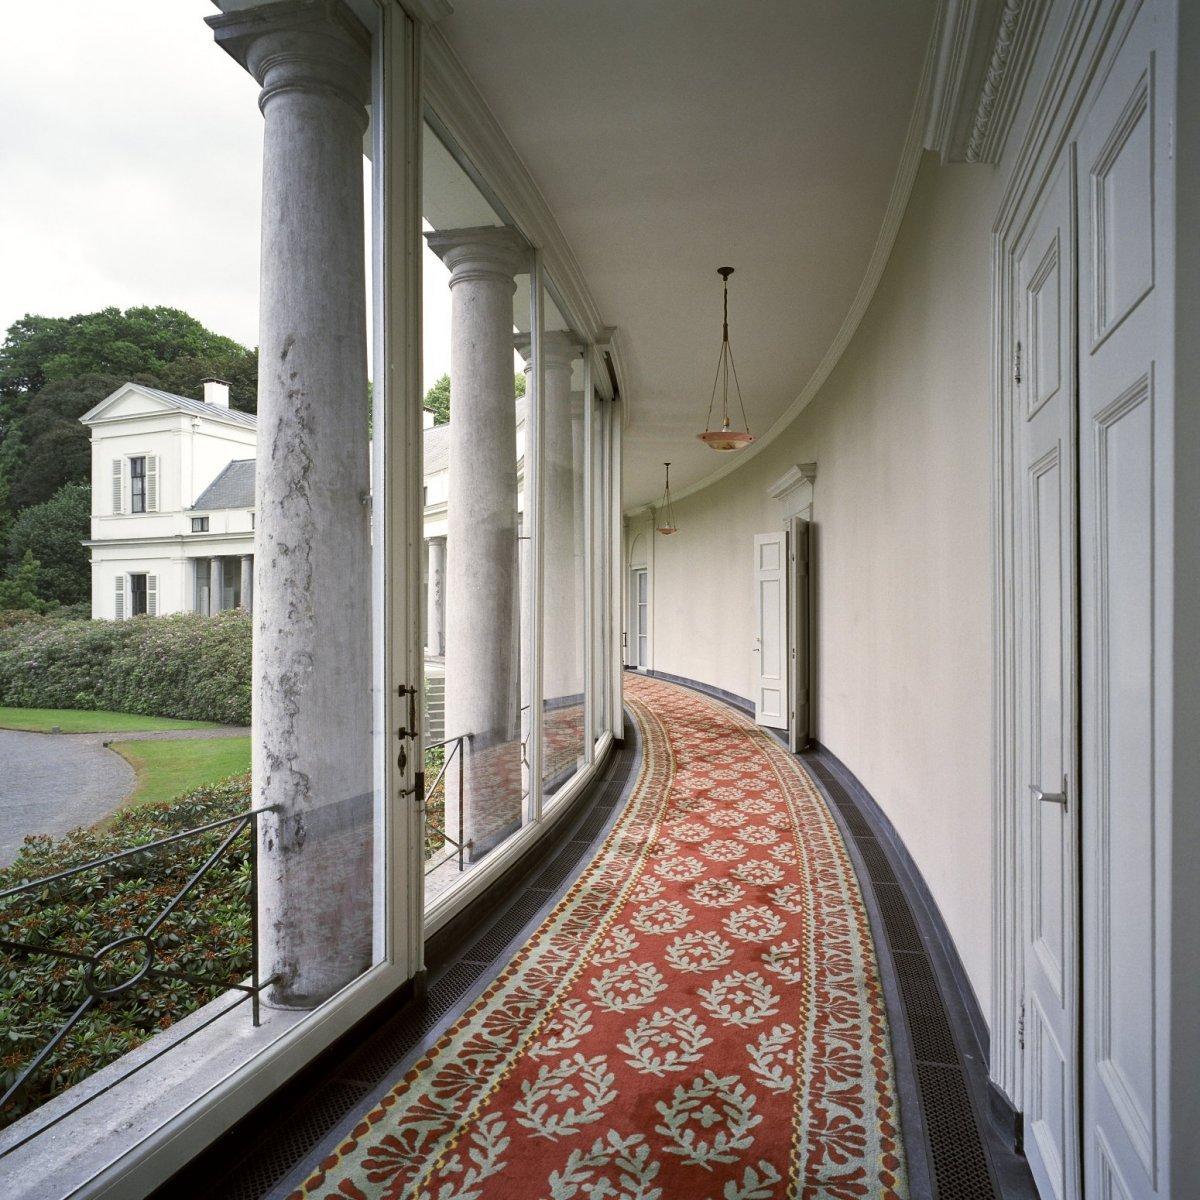 File:Interieur, overzicht van de colonnade van de Soester vleugel ...